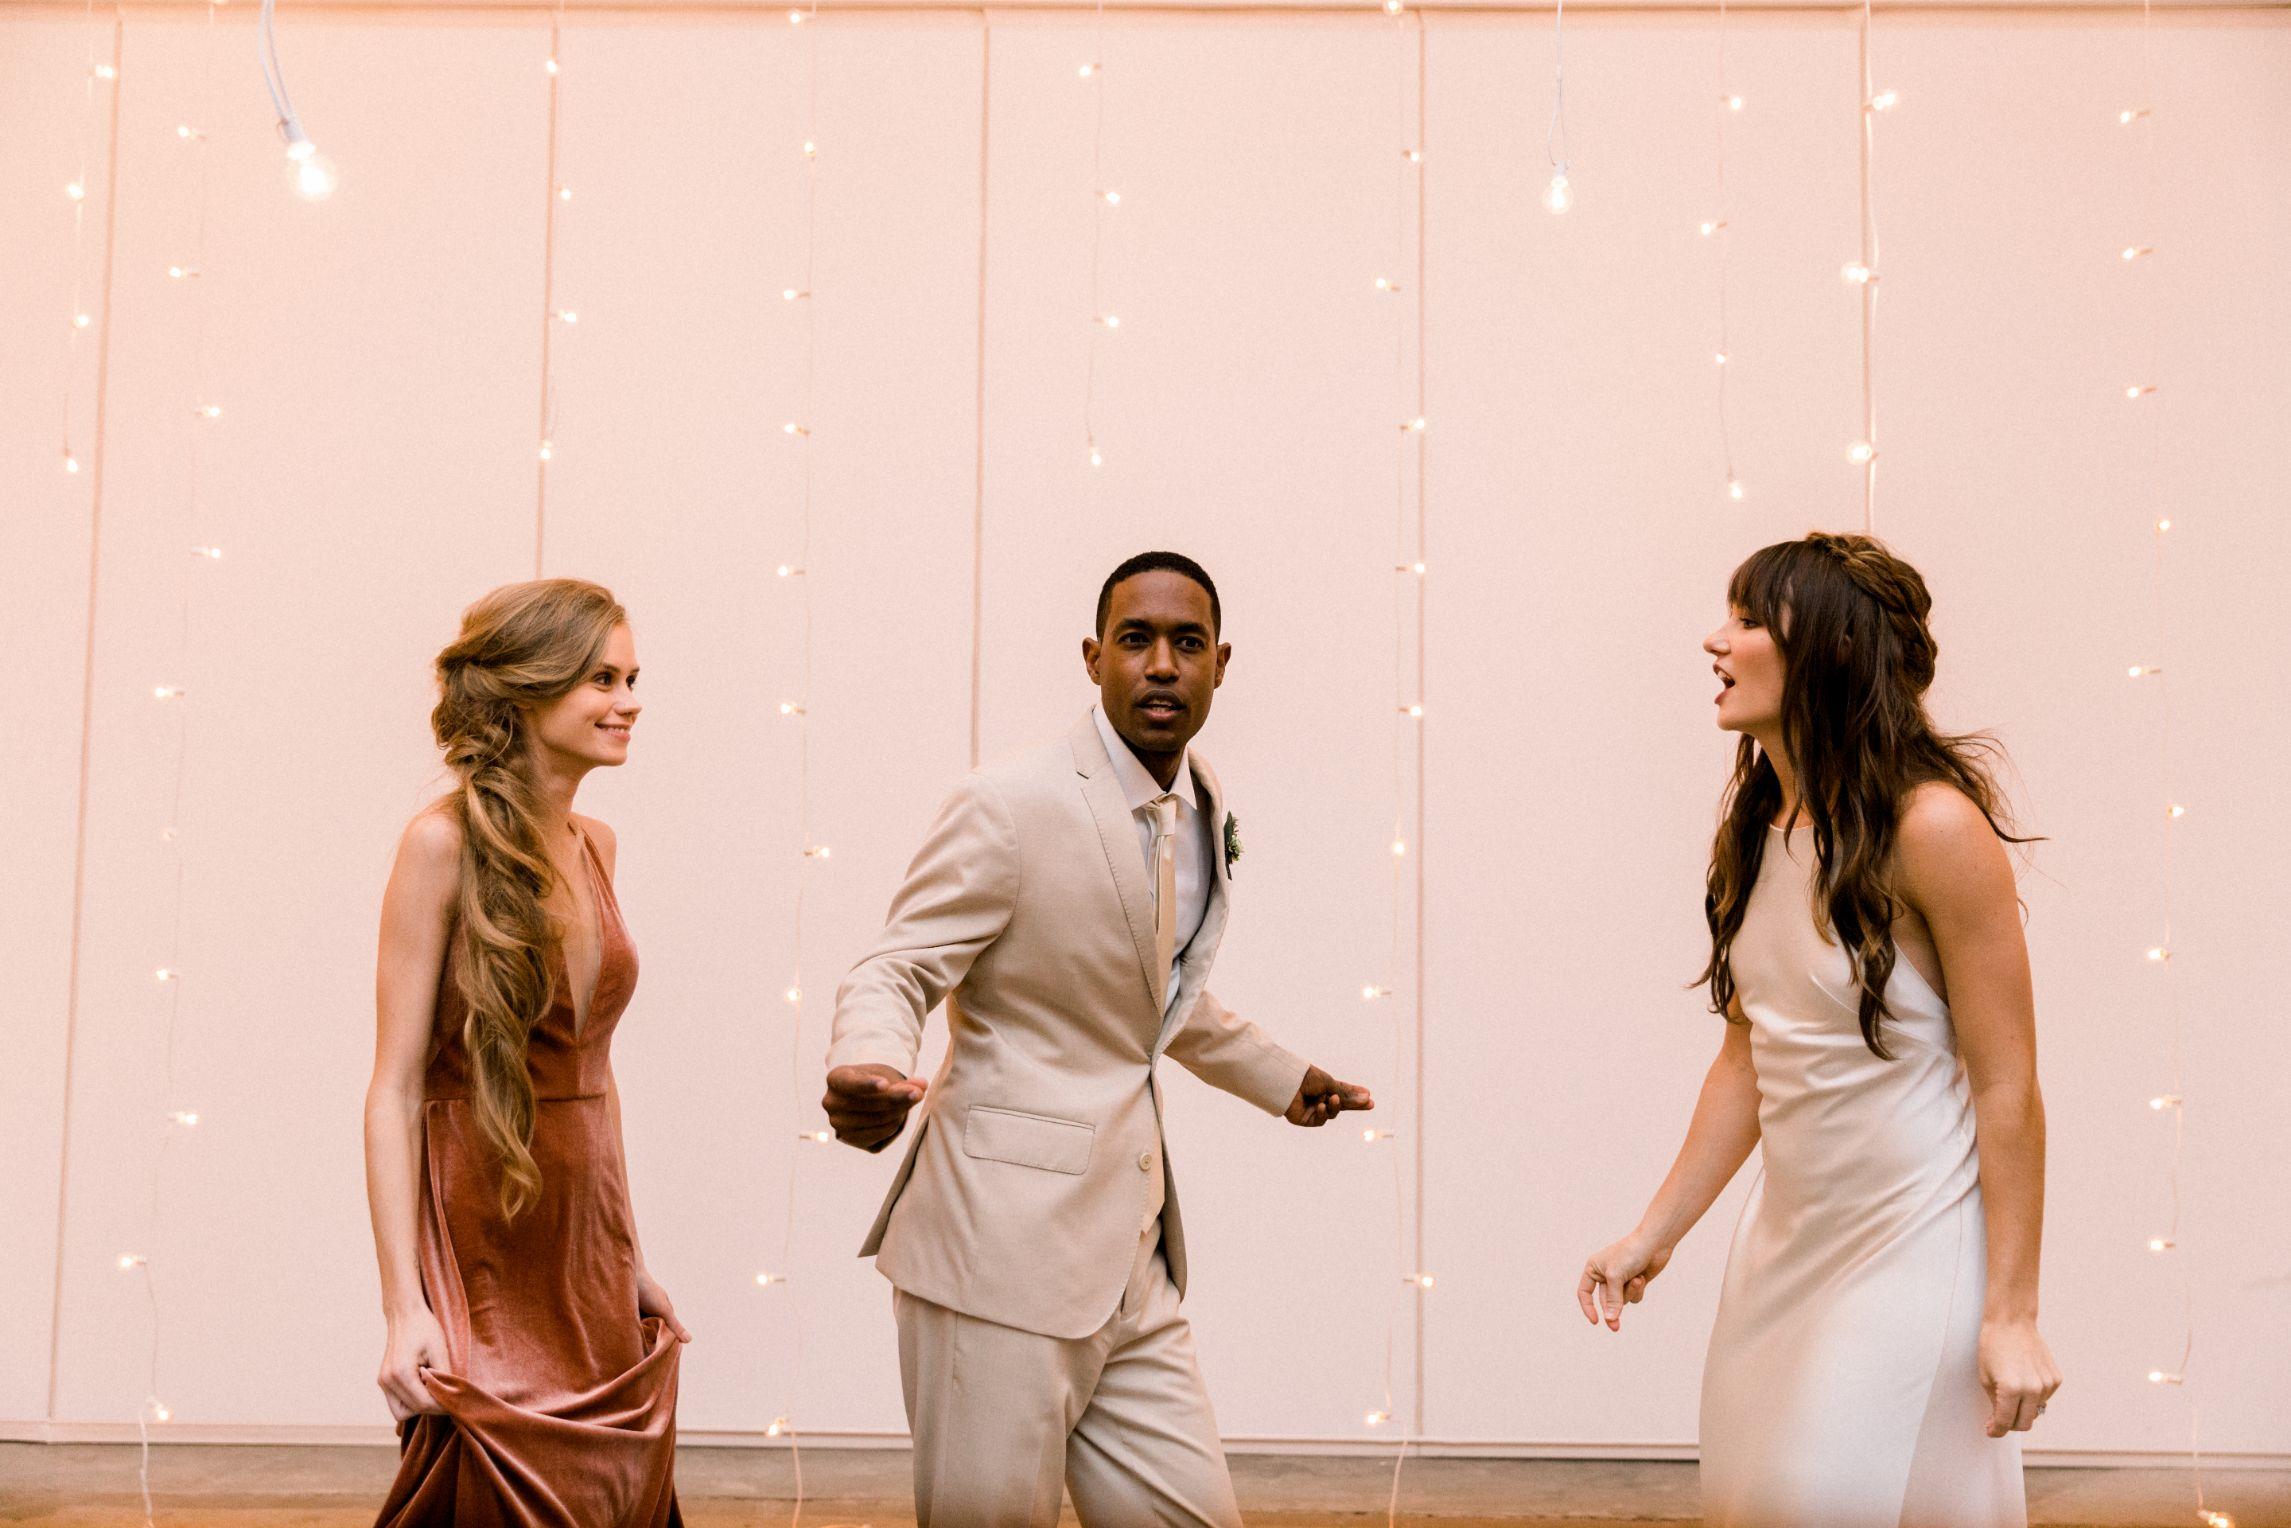 artists-for-humanity-industrial-bohemian-wedding-daylynn-designs419.jpg